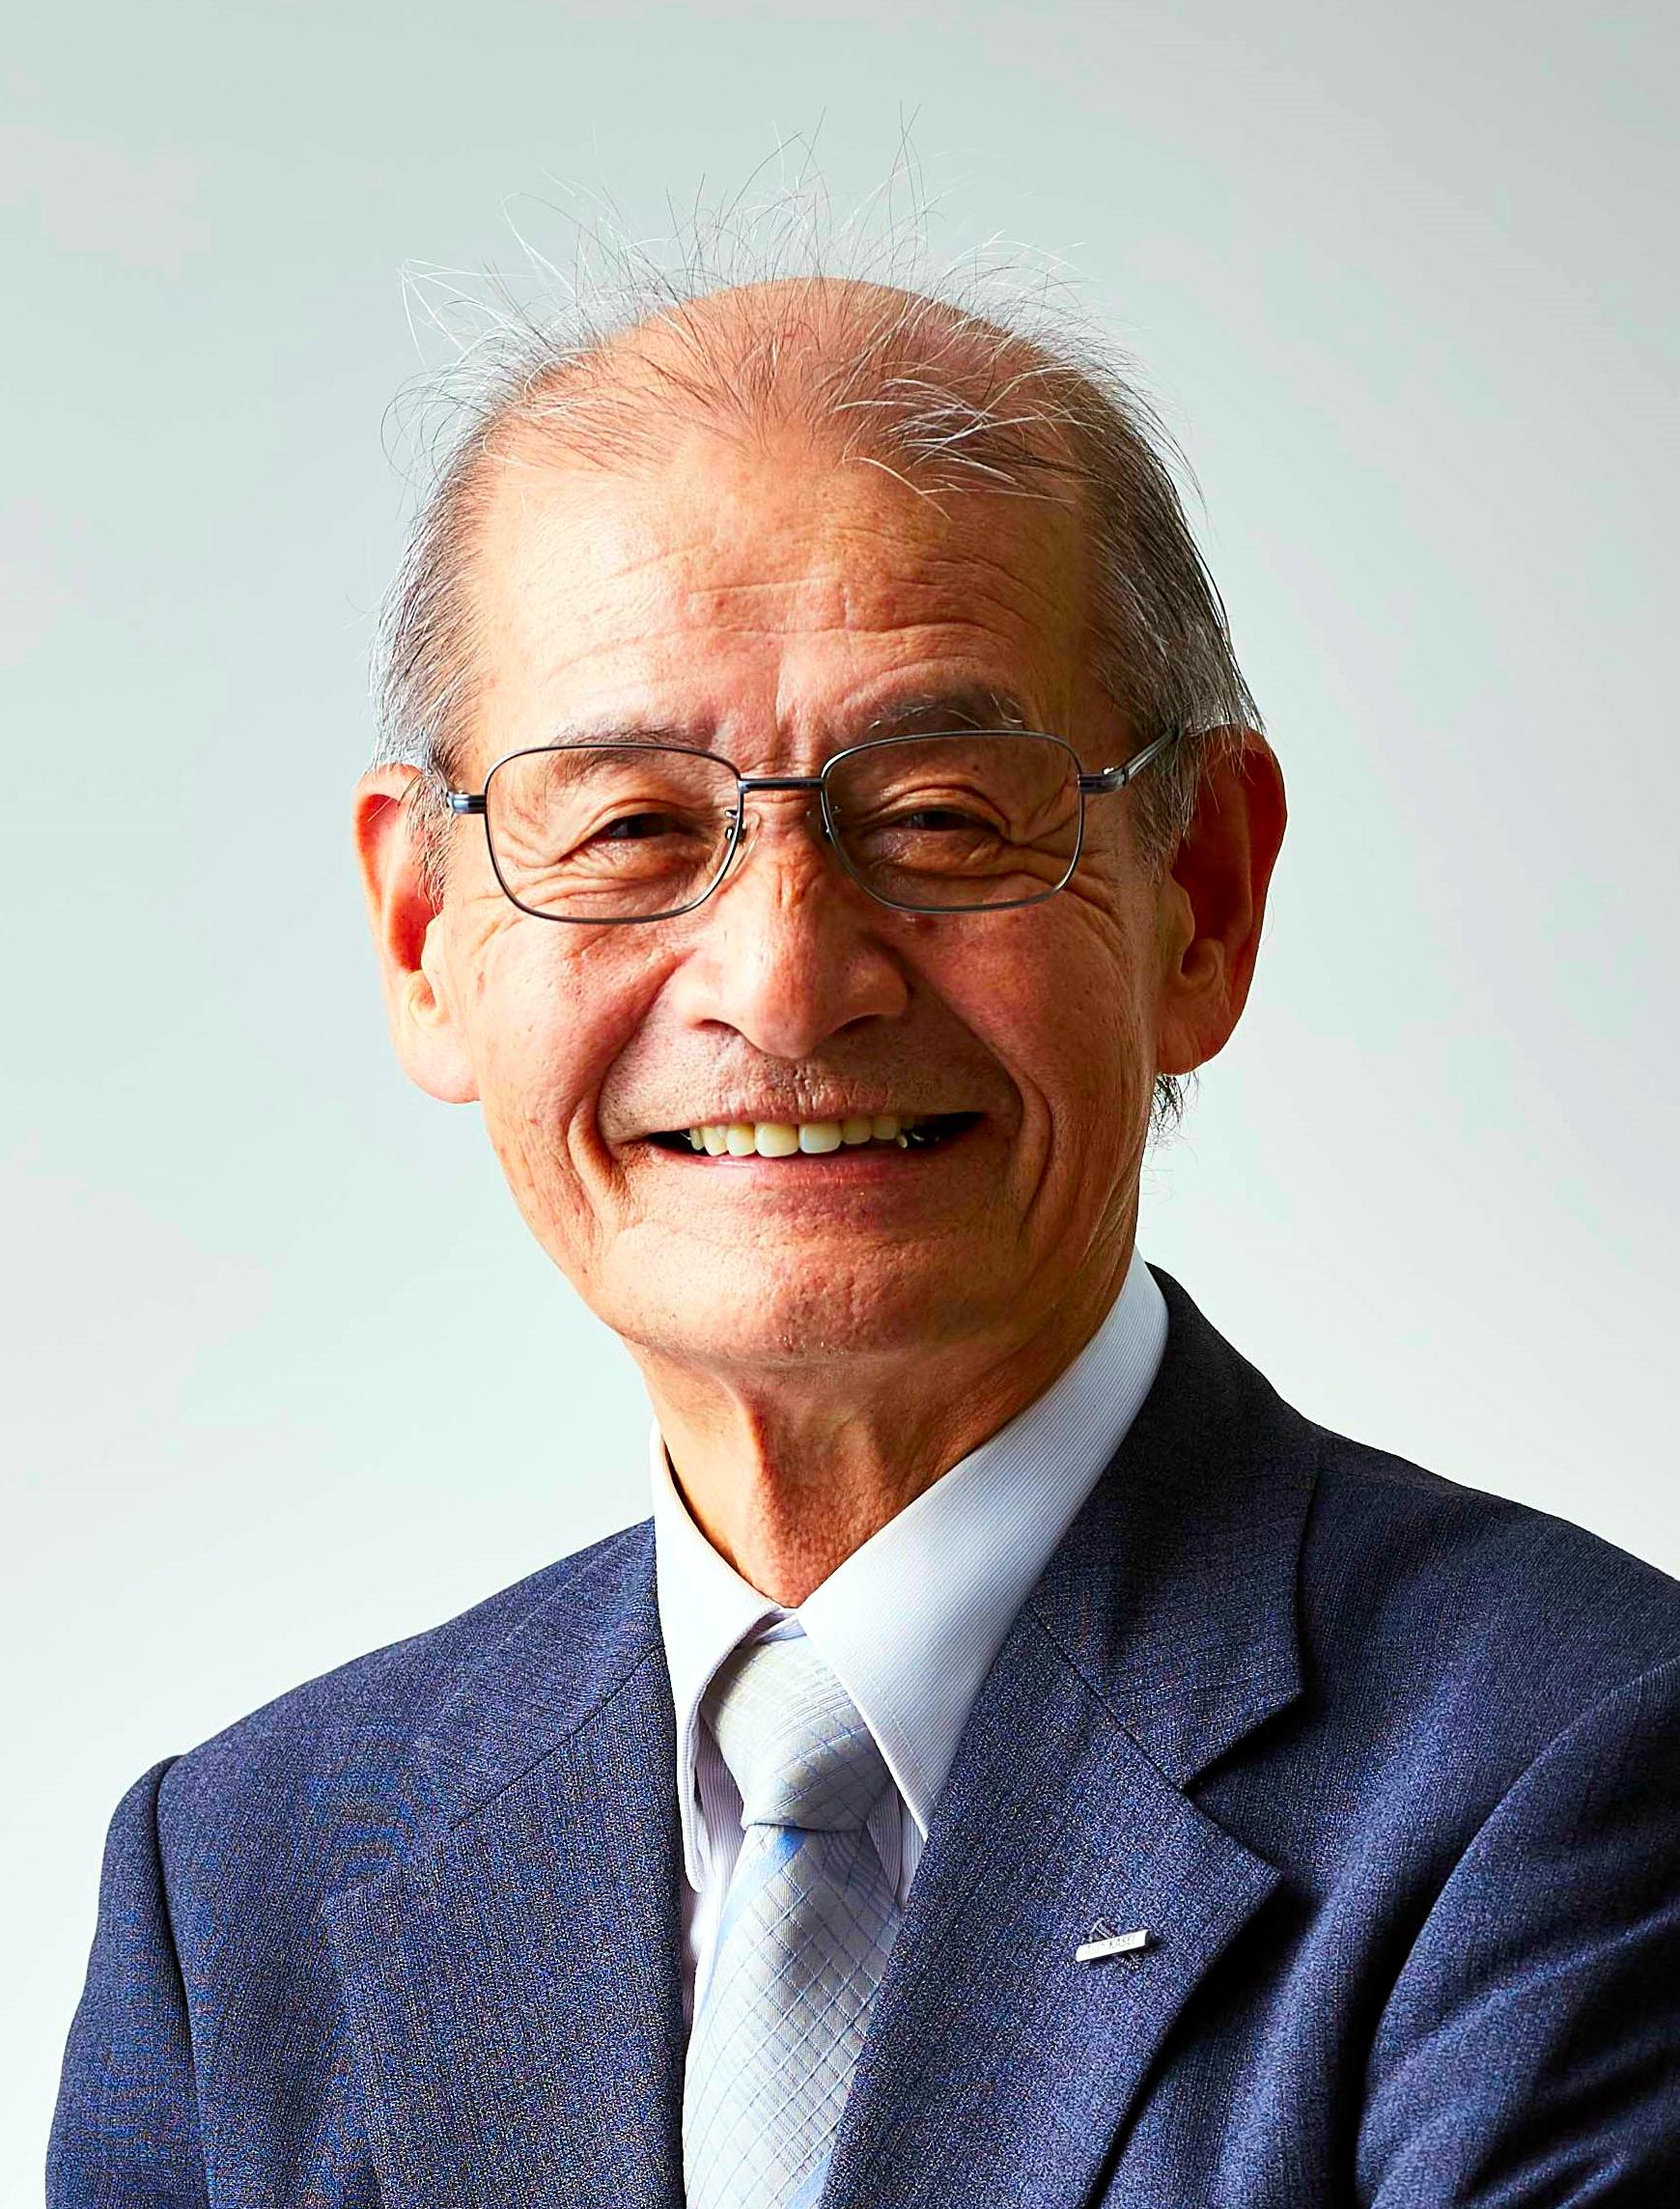 リチウム イオン 電池 ノーベル 賞